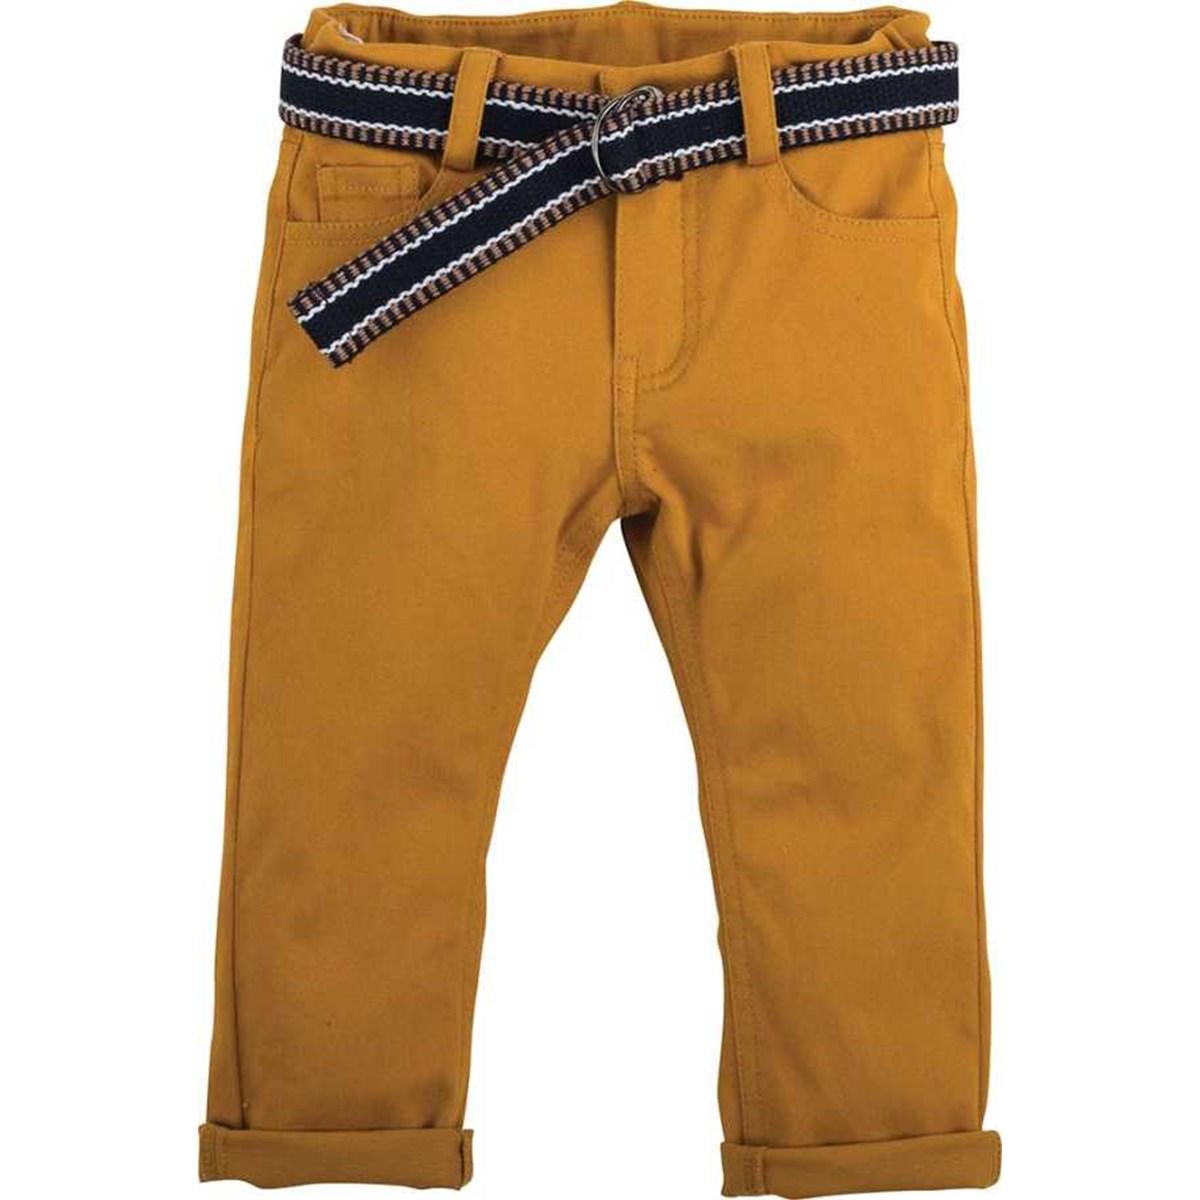 9553 Pantolon 1